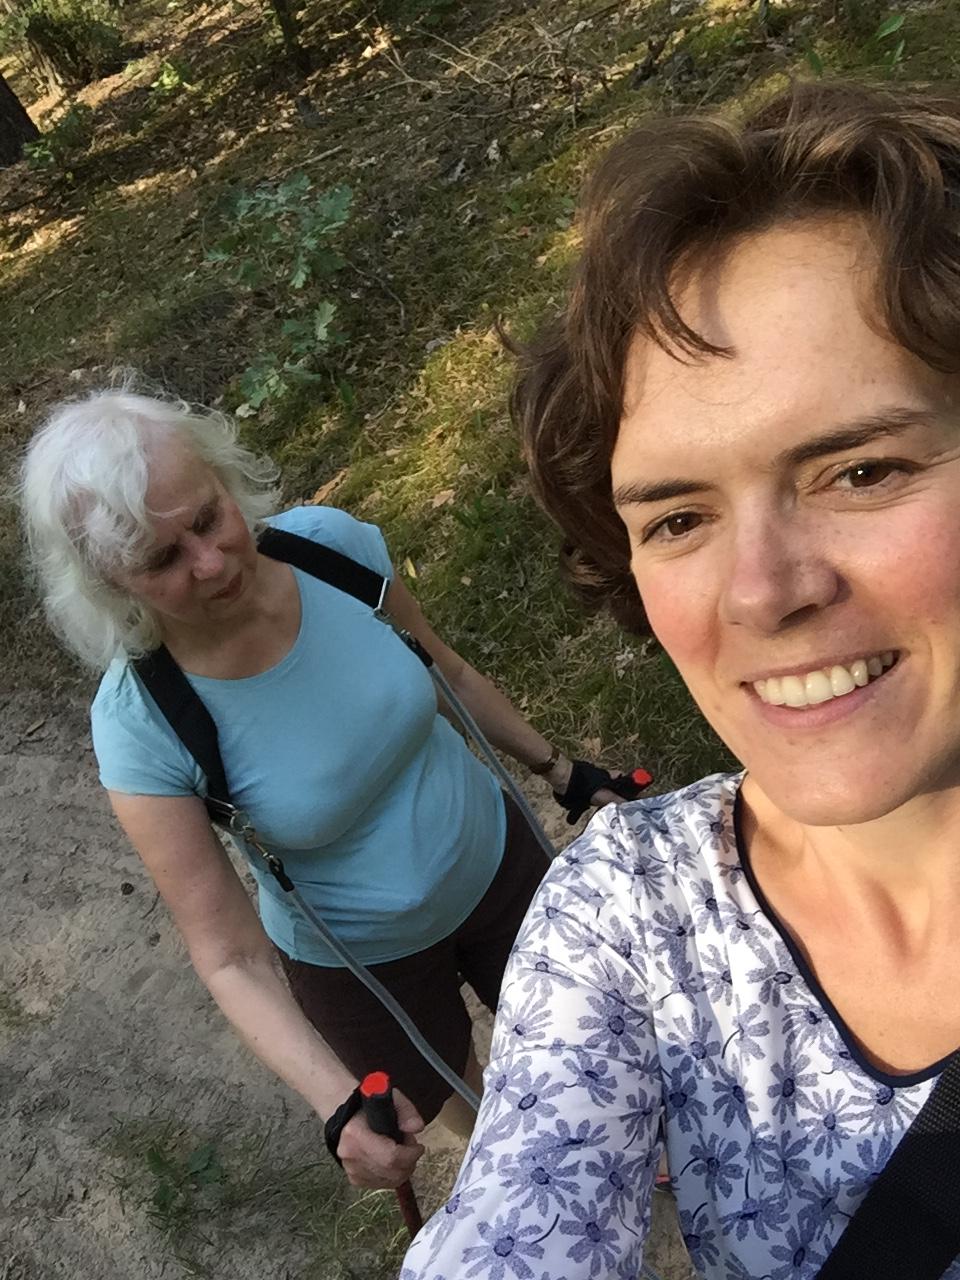 Czas na nordicwalking – dwie Panie podczas spaceru